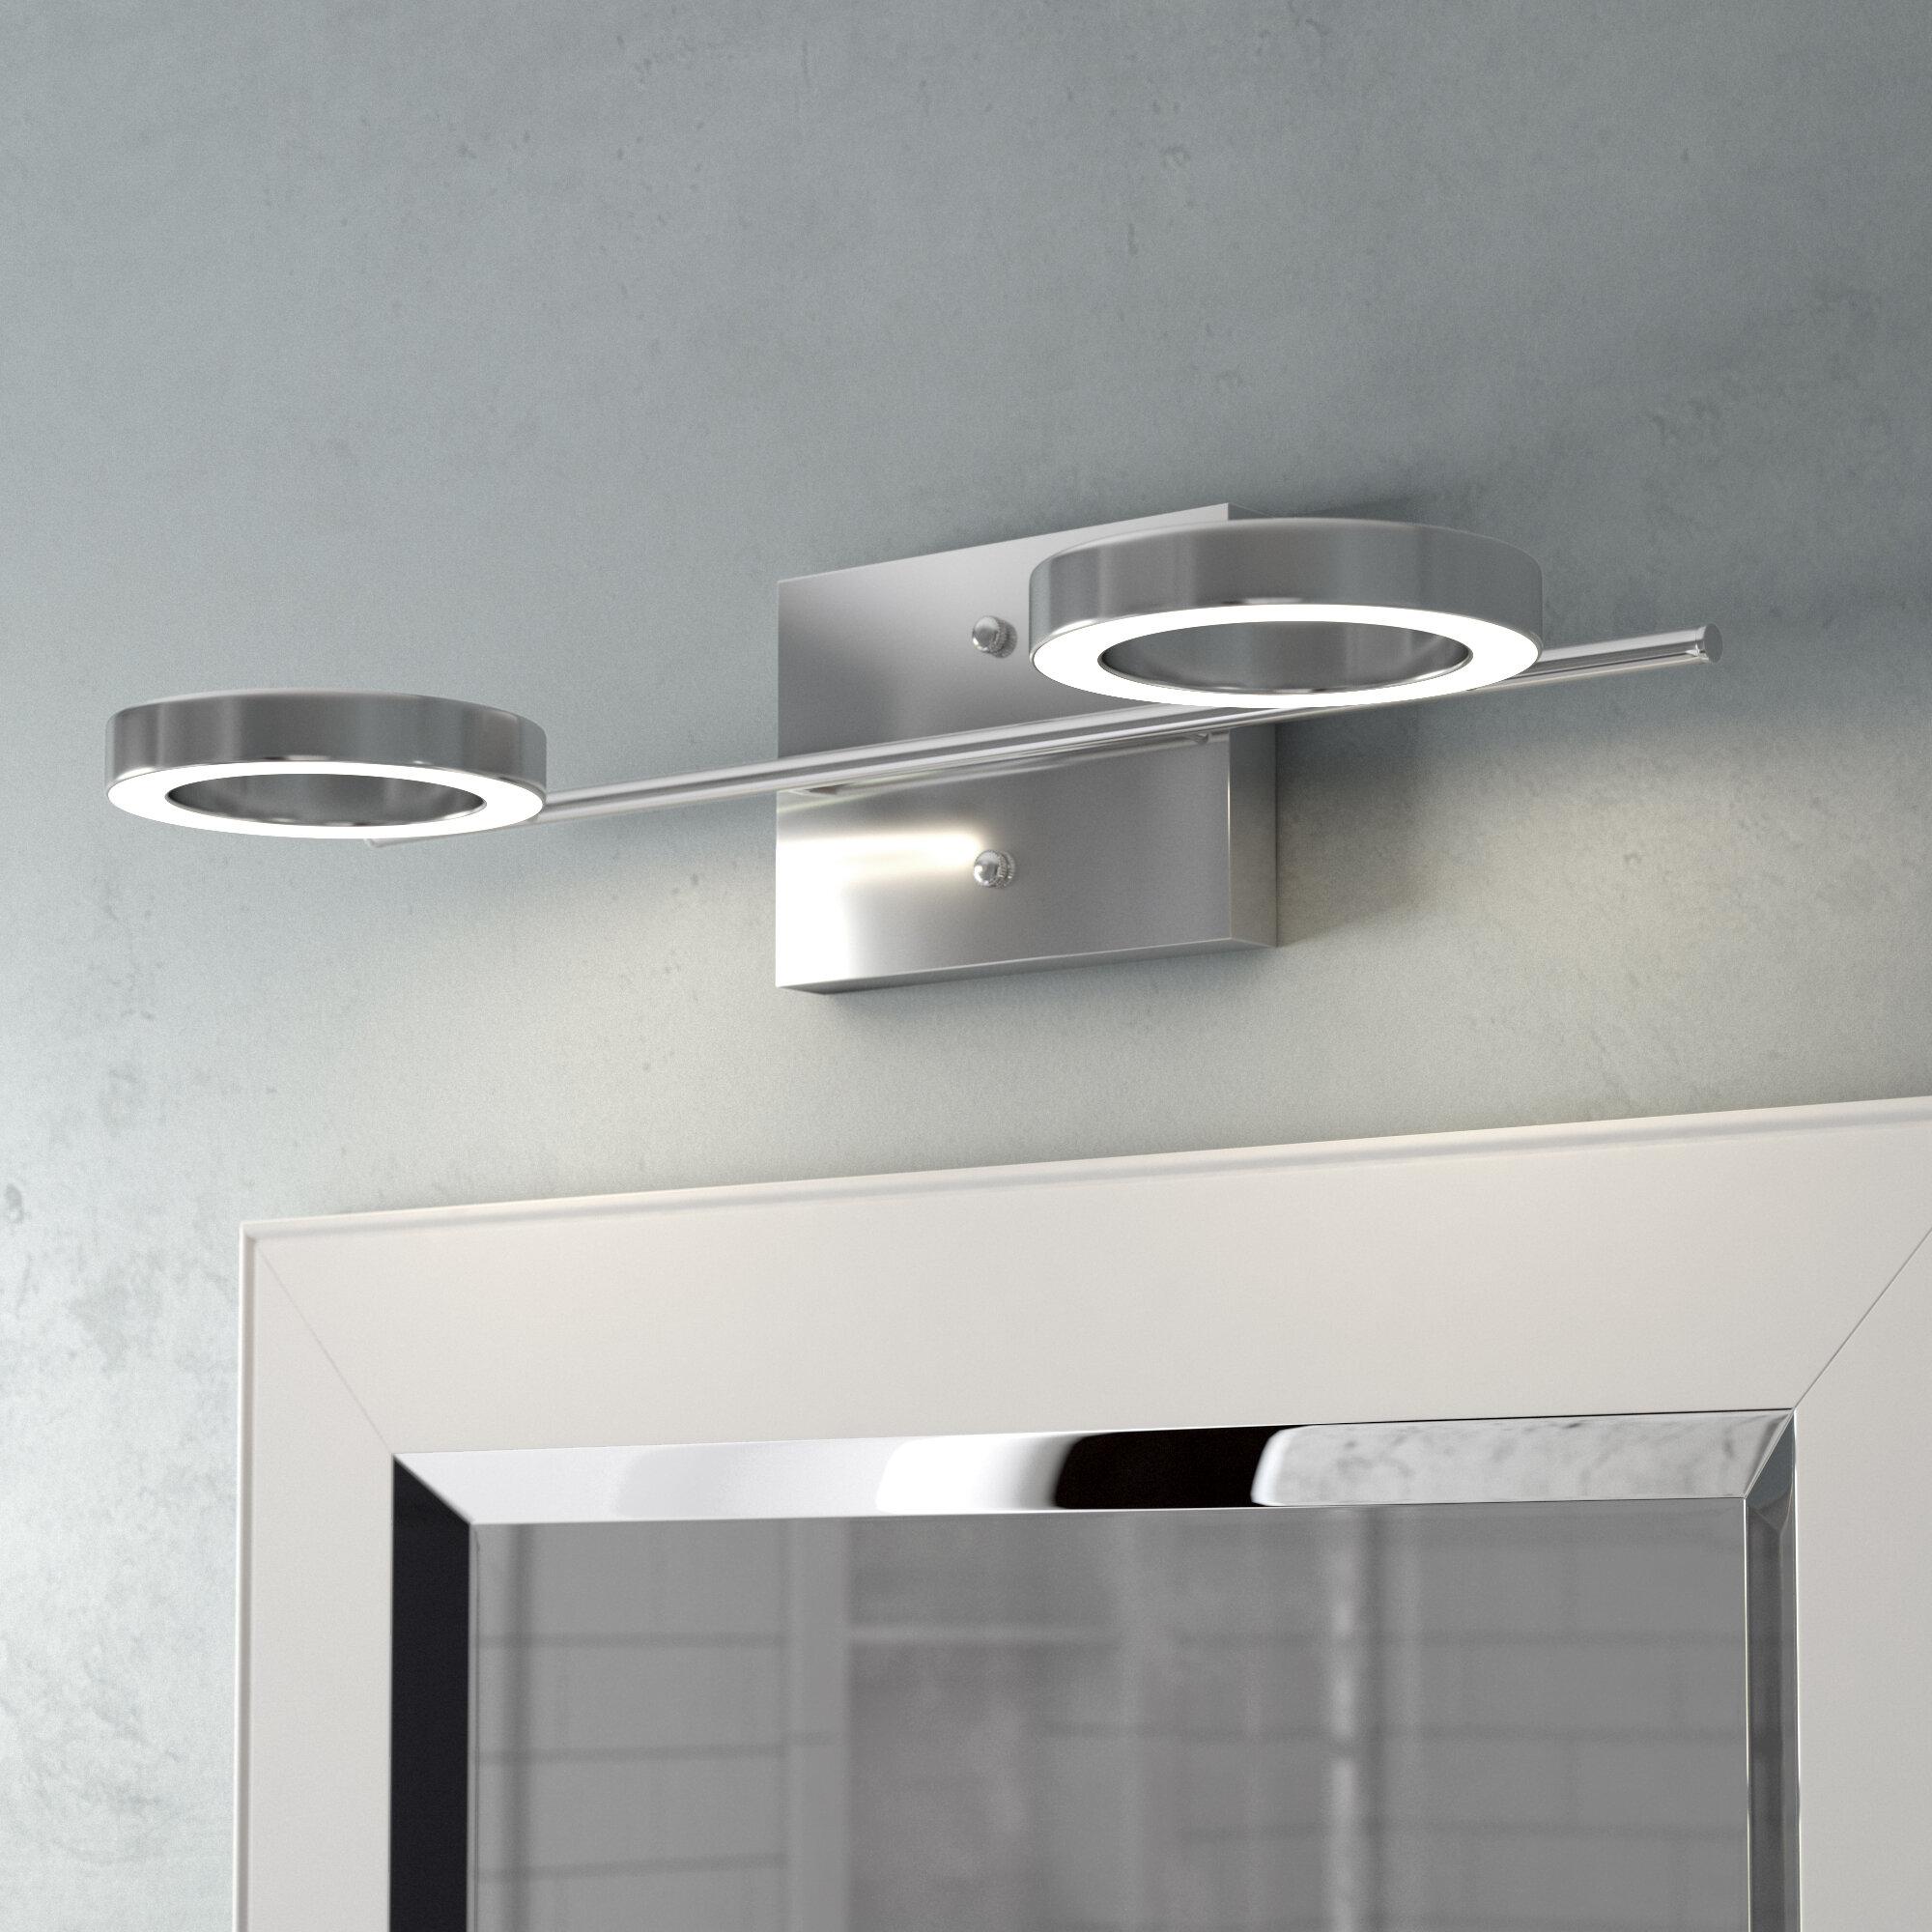 orren ellis dominique 2 light led vanity light reviews wayfair